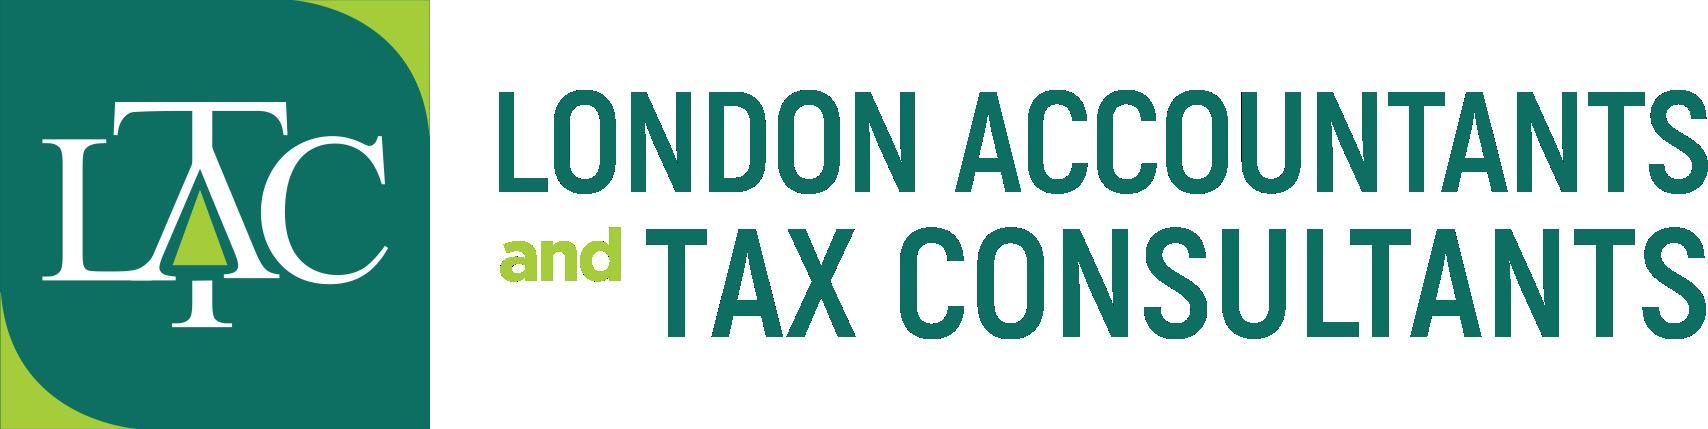 london consultant logo